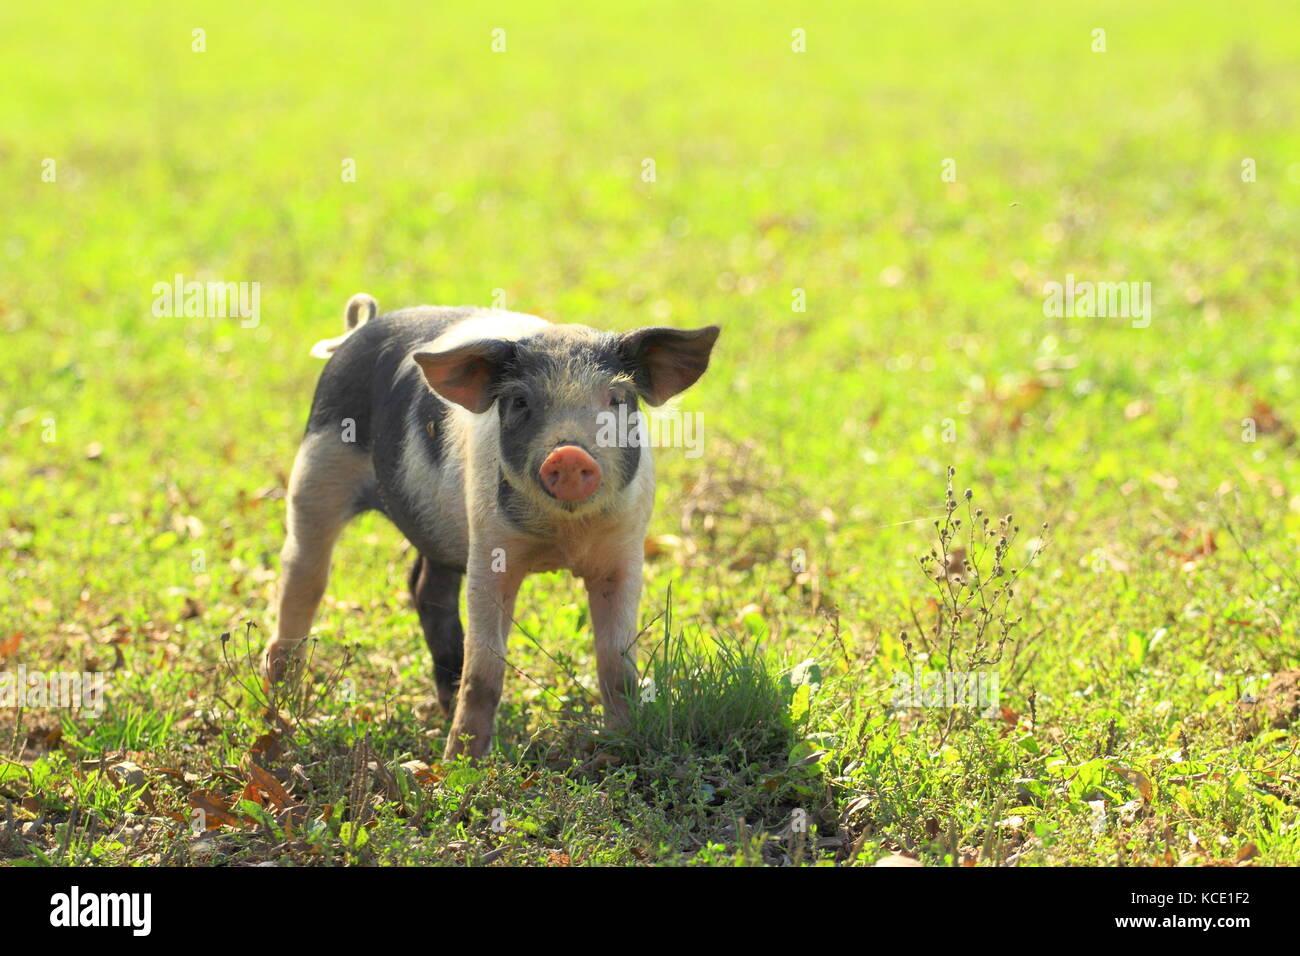 Piglets, Nature park Lonjsko polje, Croatia - Stock Image